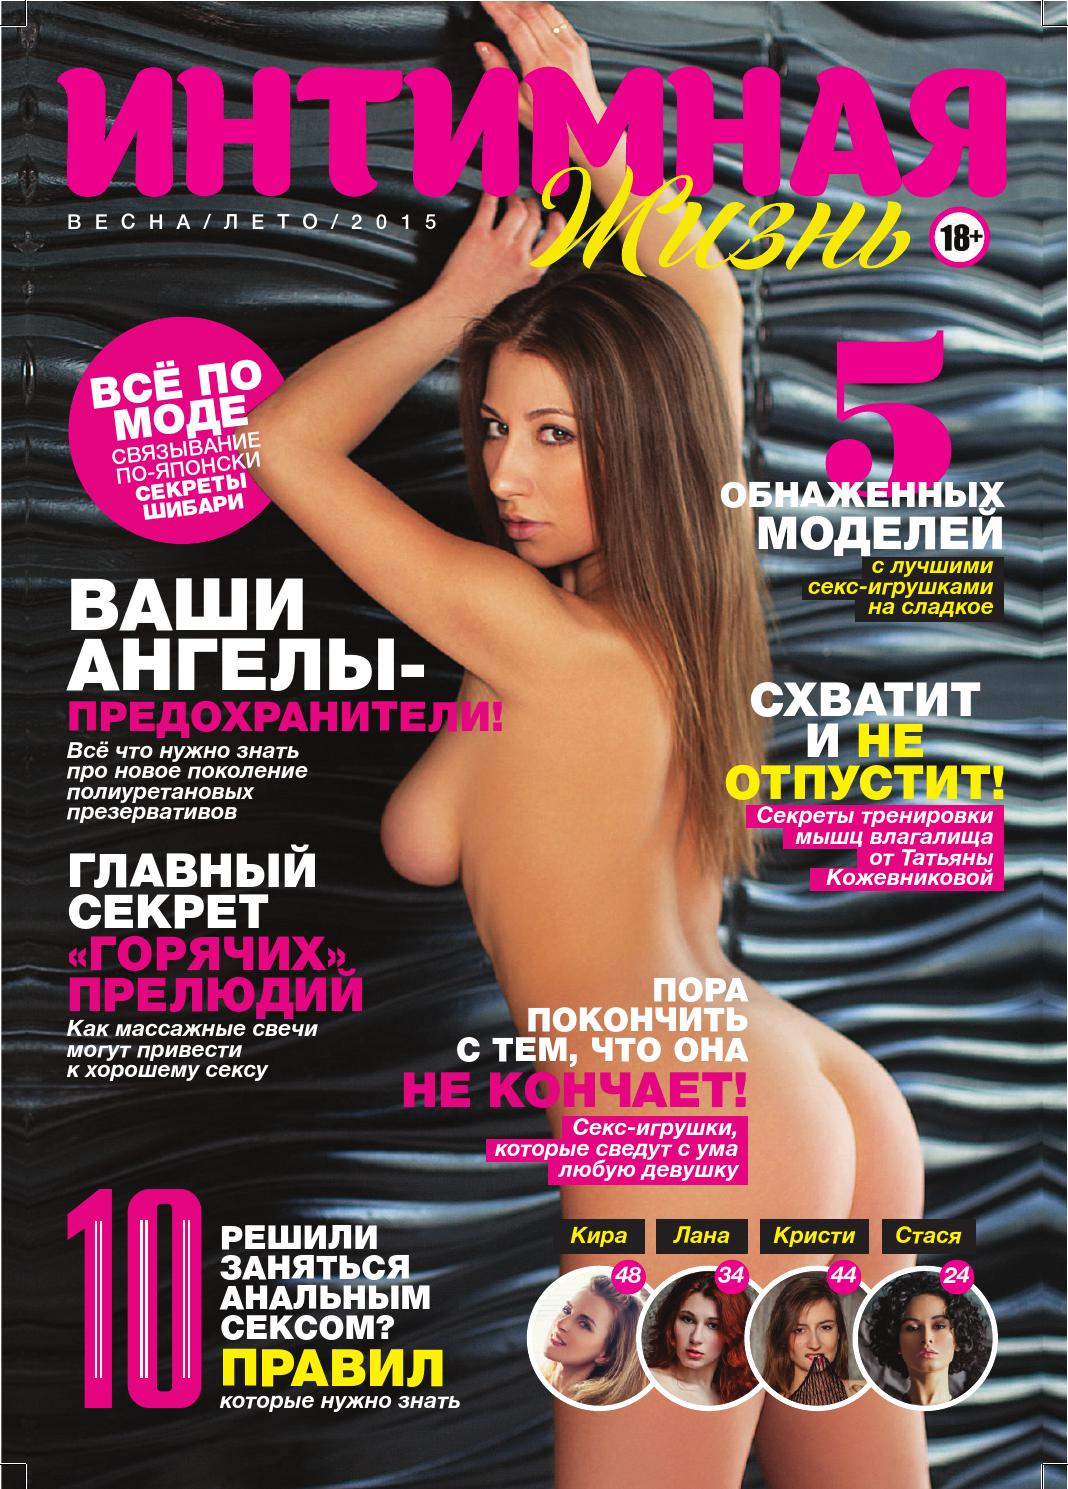 Смотреть эротические журналы смотреть 3 фотография